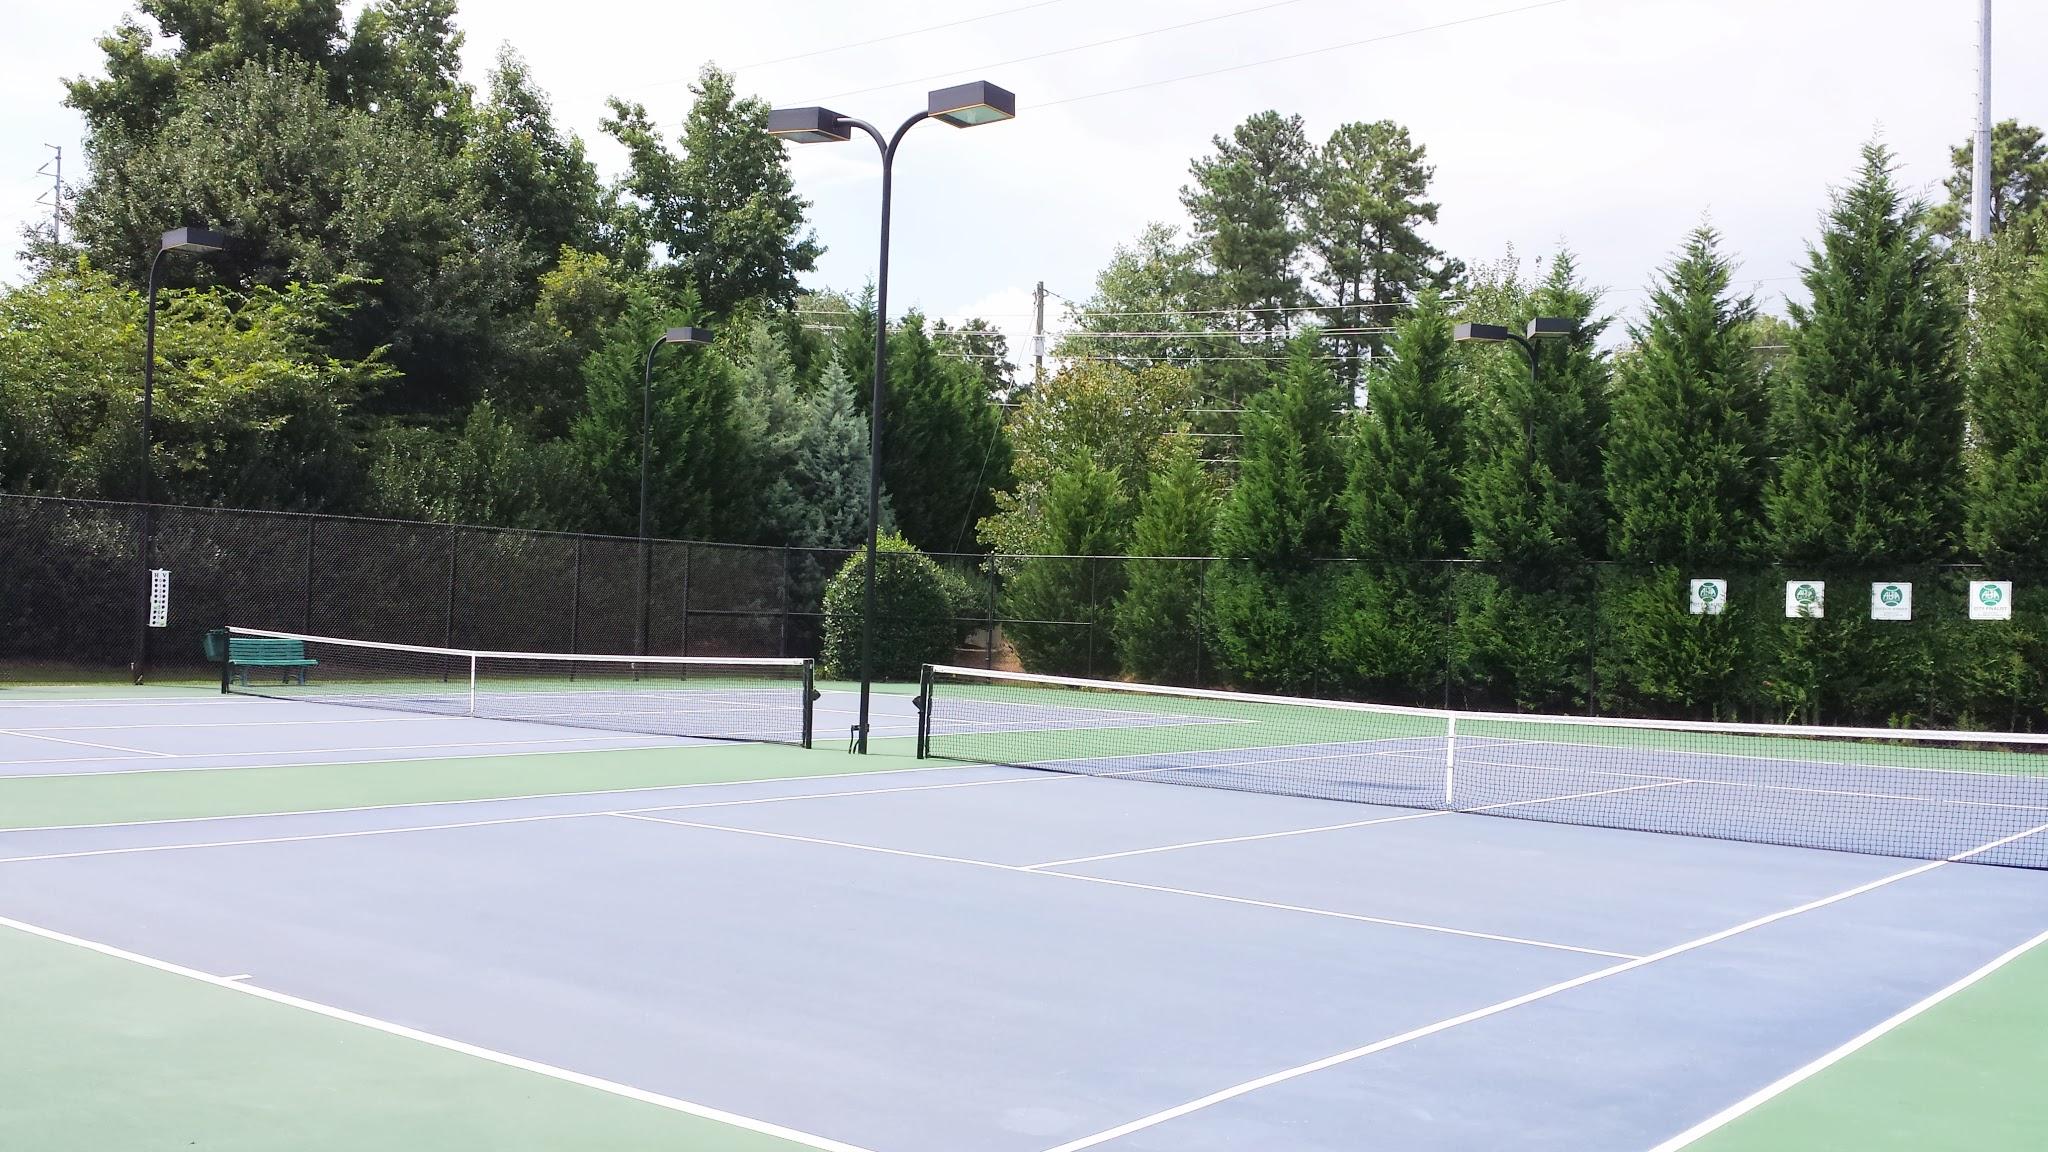 New Kent Tennis